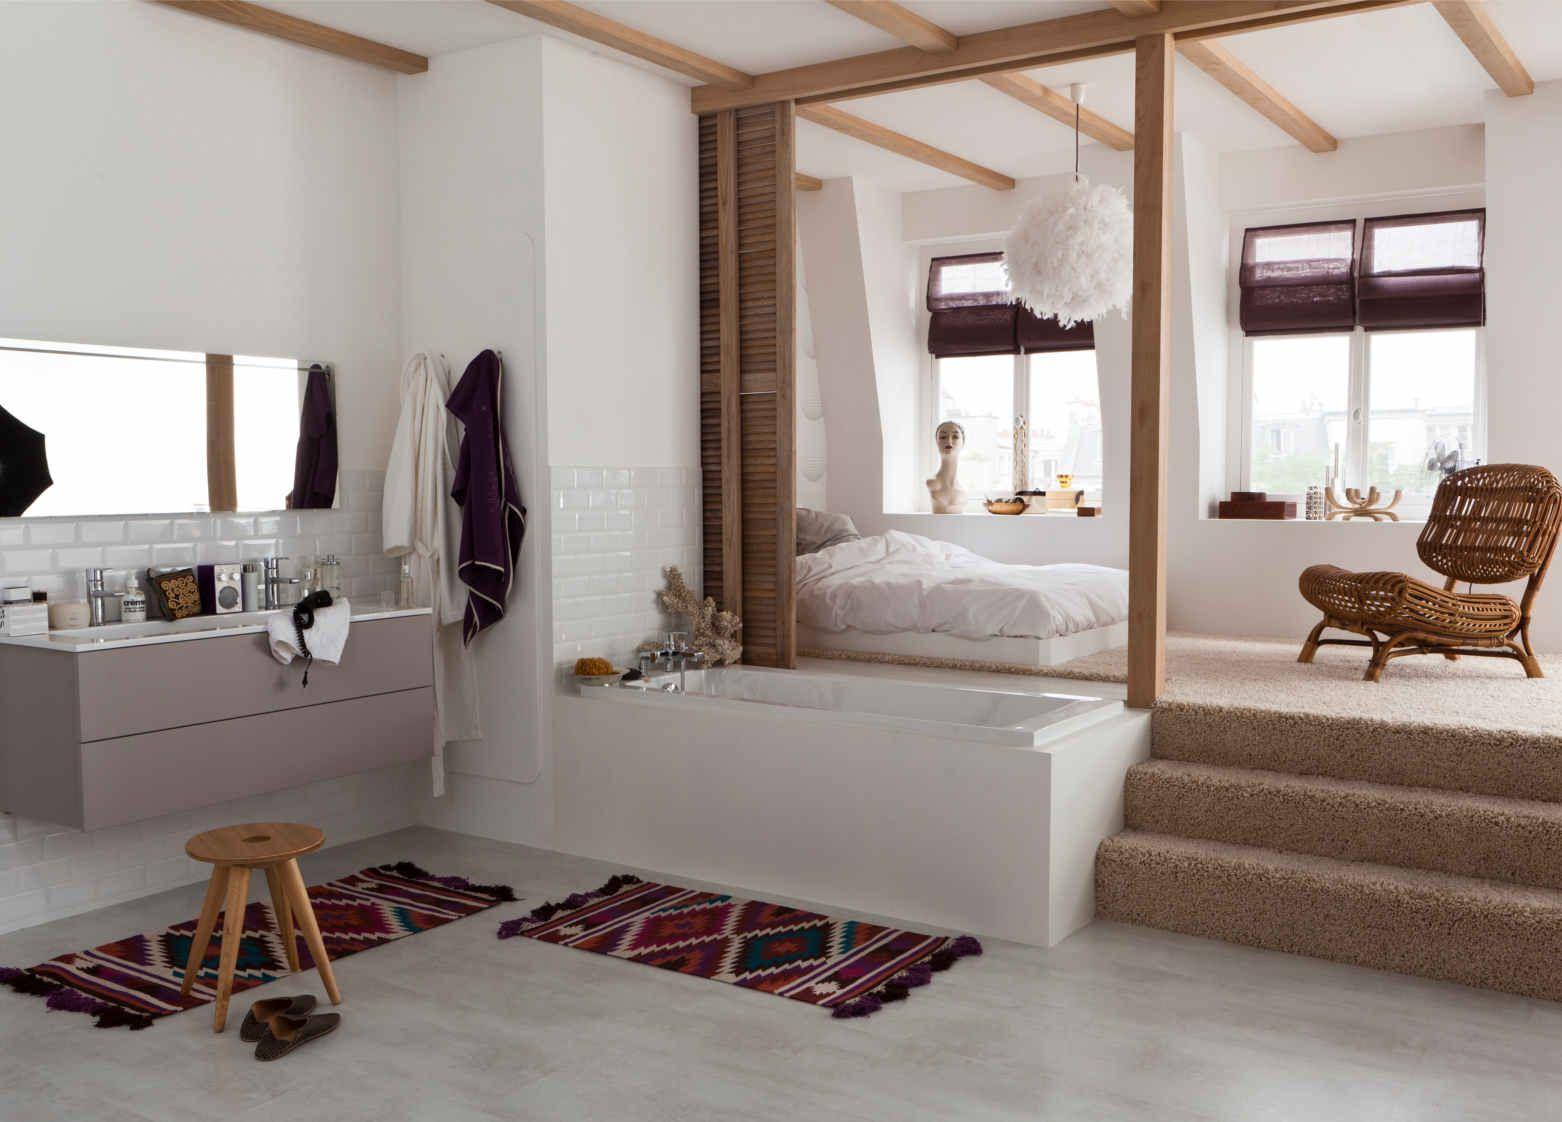 suite parentale/salle de bains ouverte sur la chambre ... - Salle De Bain Suite Parentale